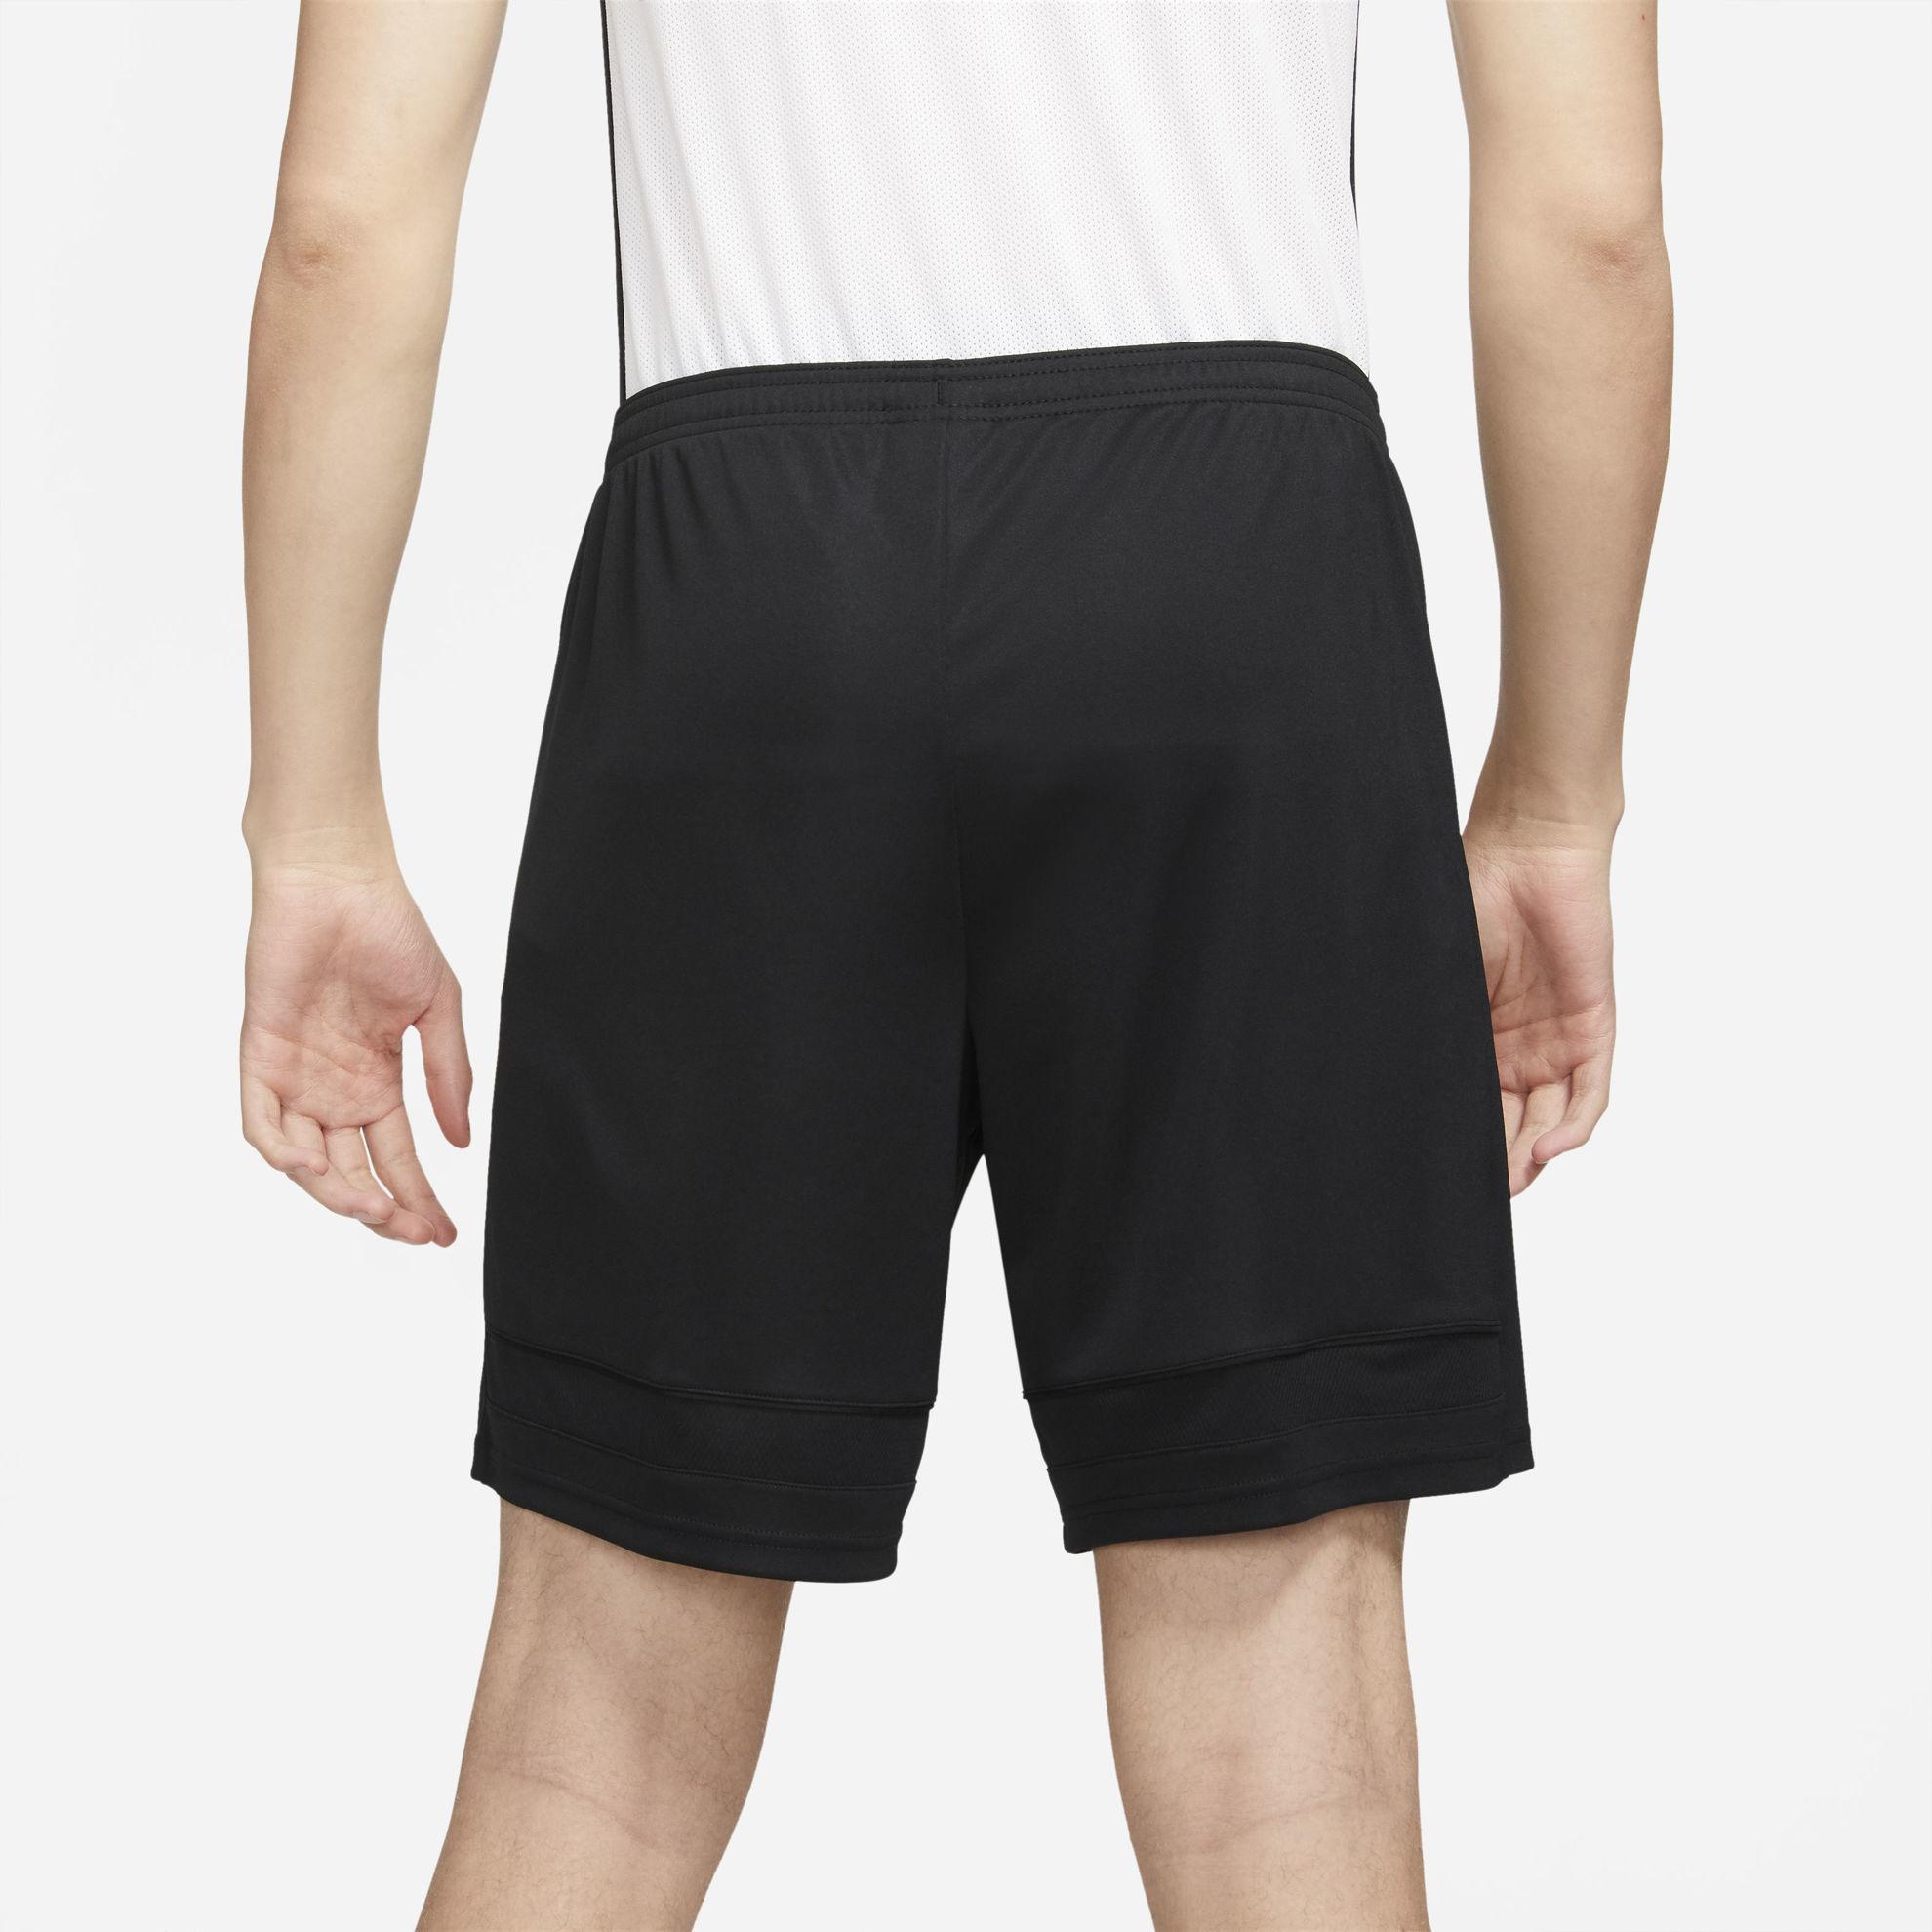 Bilde av Nike mens acd21 short CW6107-011